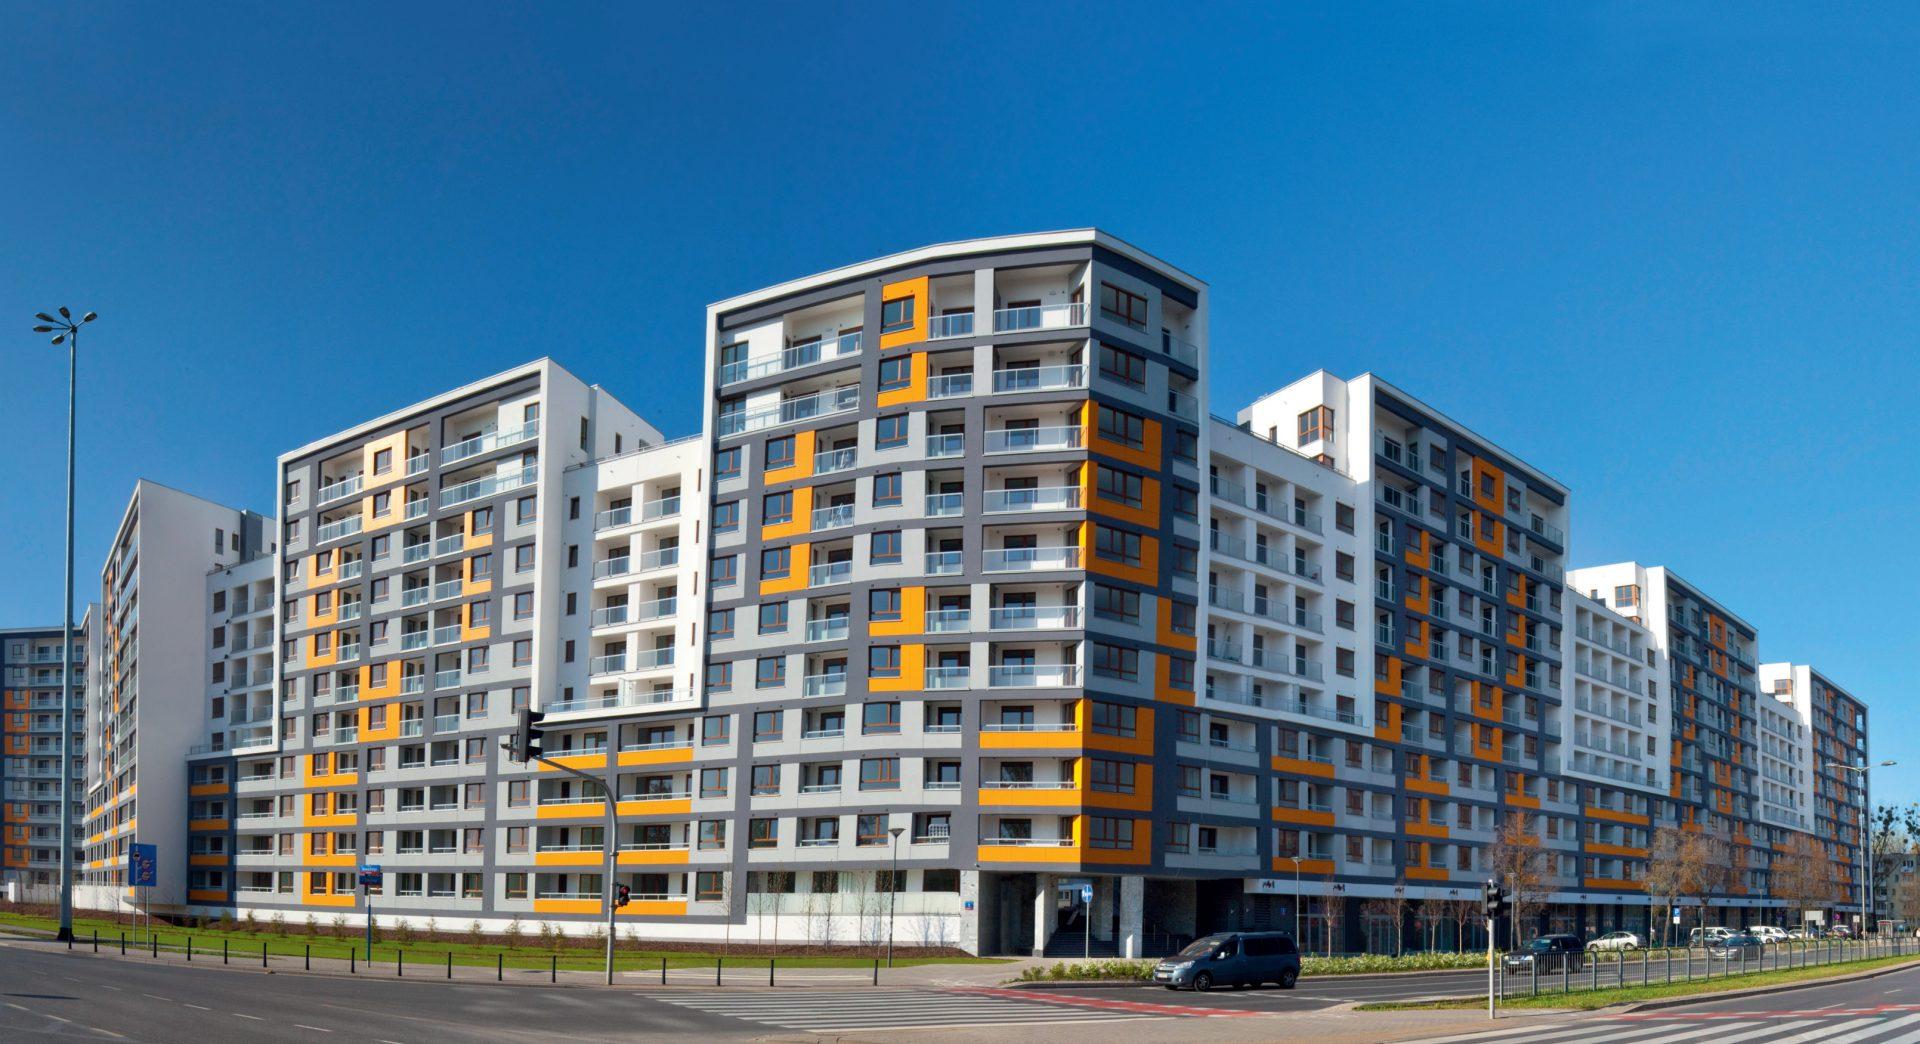 Osiedle Słodowiec City, Warszawa, Polska. Inwestor: Kaliope Sp z o.o., Grupa Turret Development.